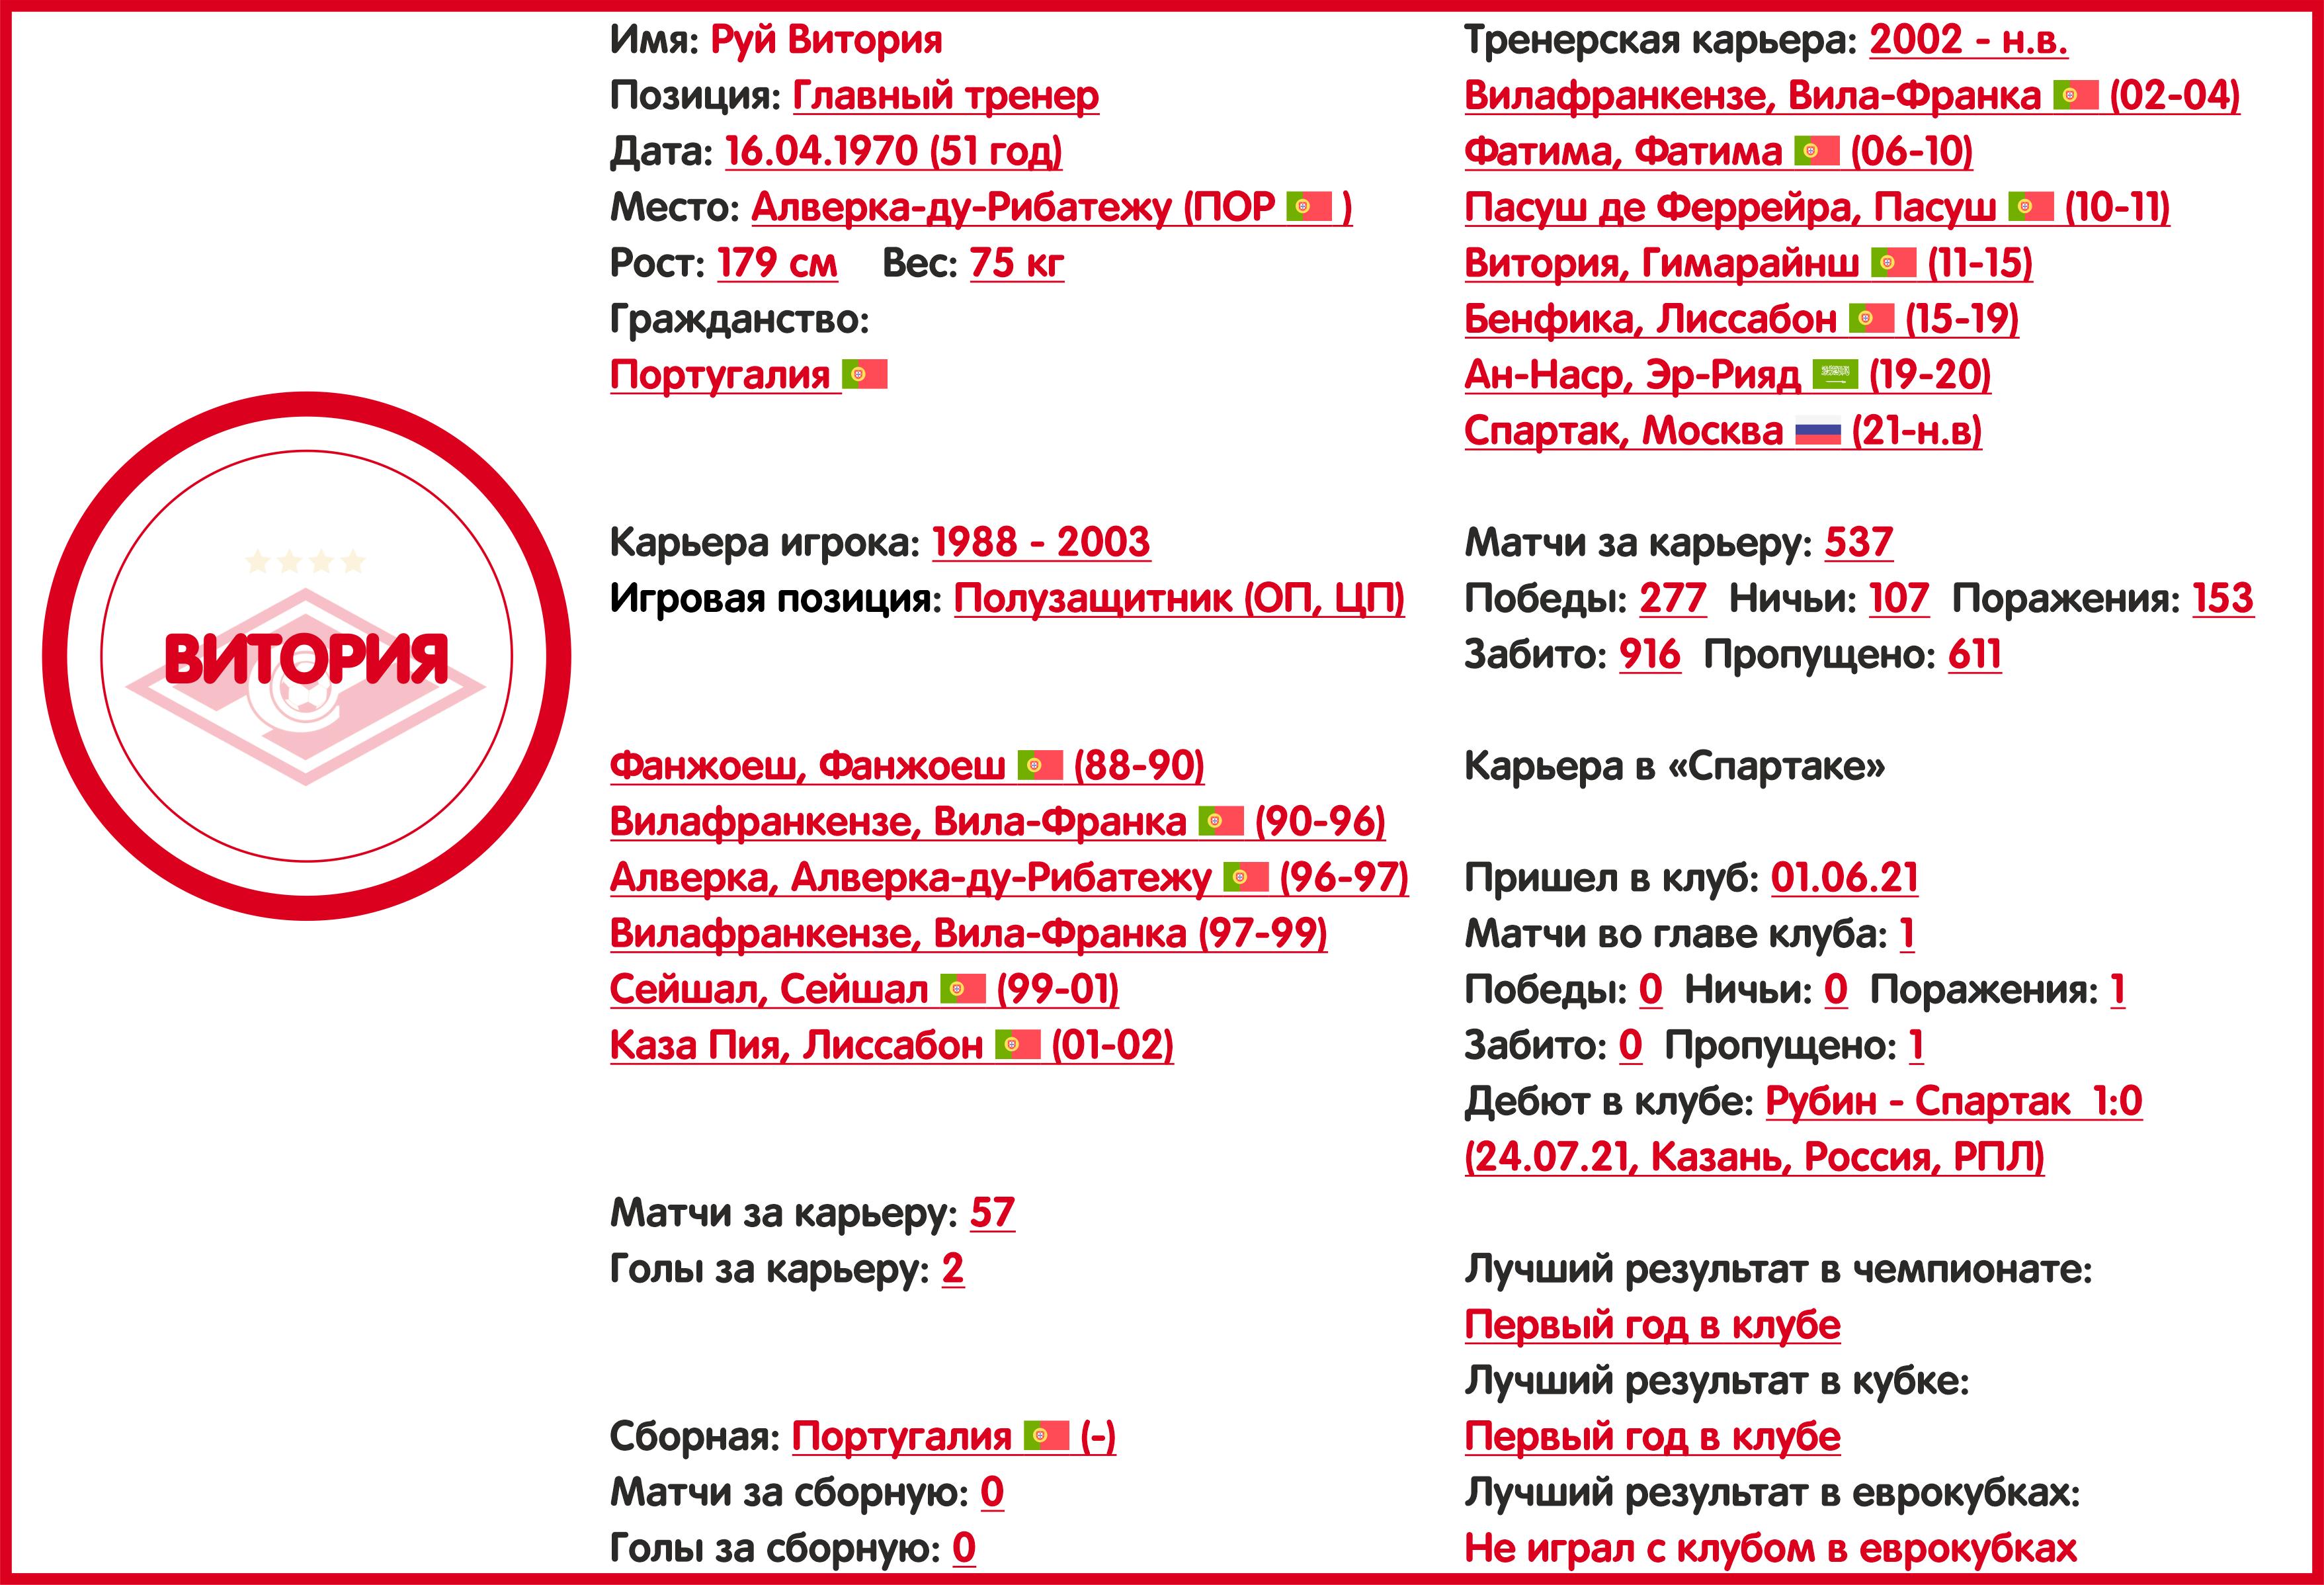 Чемпионат России. РПЛ. Сезон 2021/2022. ФК «Спартак»: состав, статистика, исторические факты и многое другое